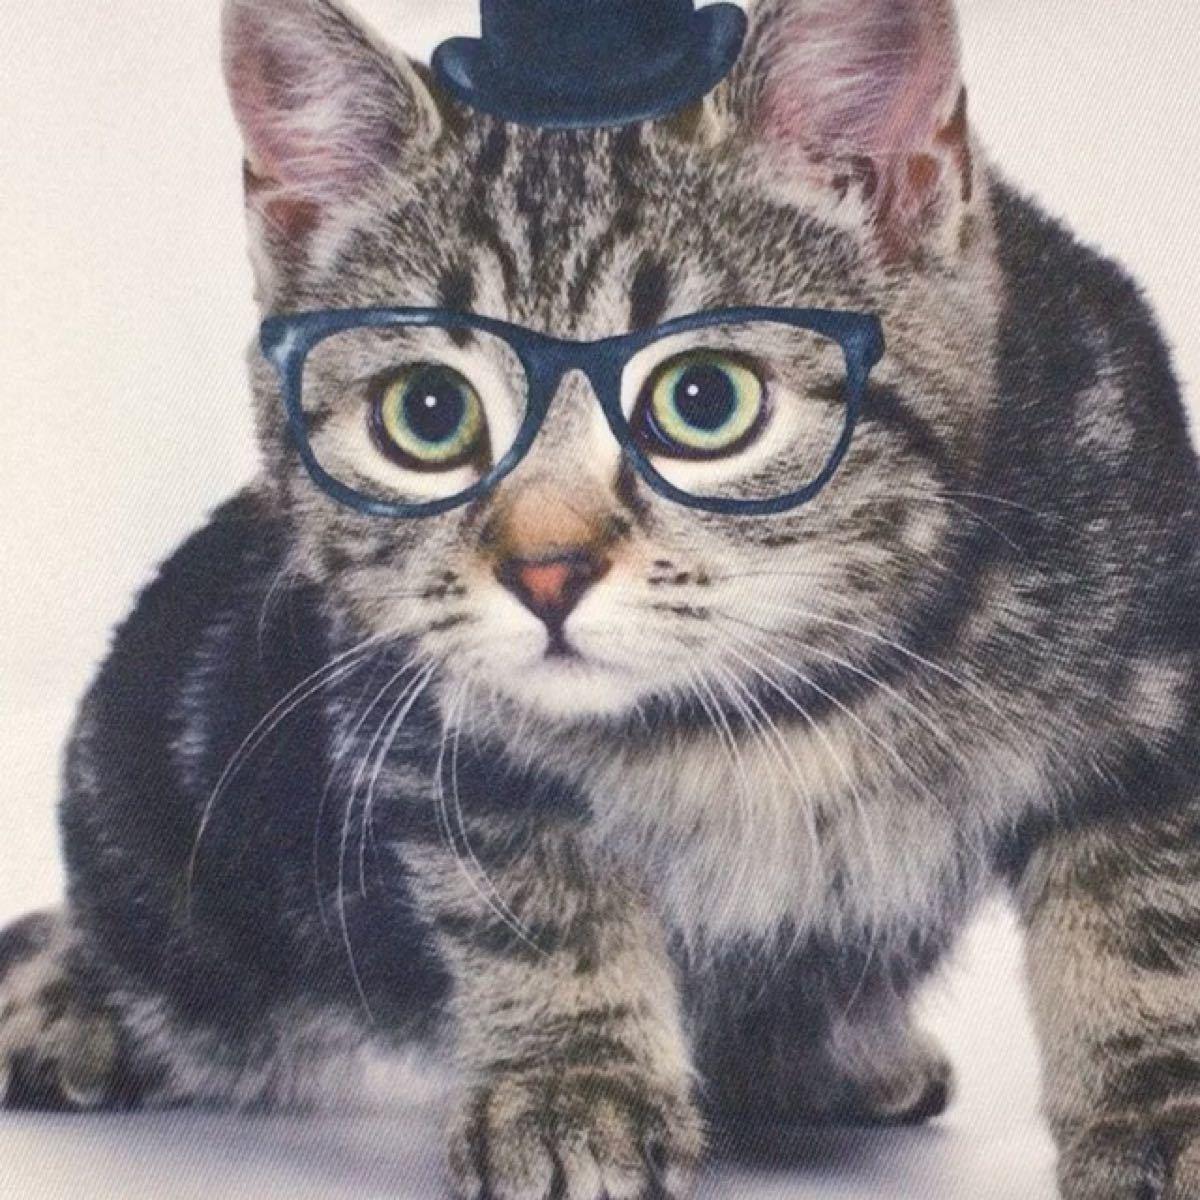 猫バック 猫好き トートバッグ 買い物バック ファスナー付 裏地 中ポケット